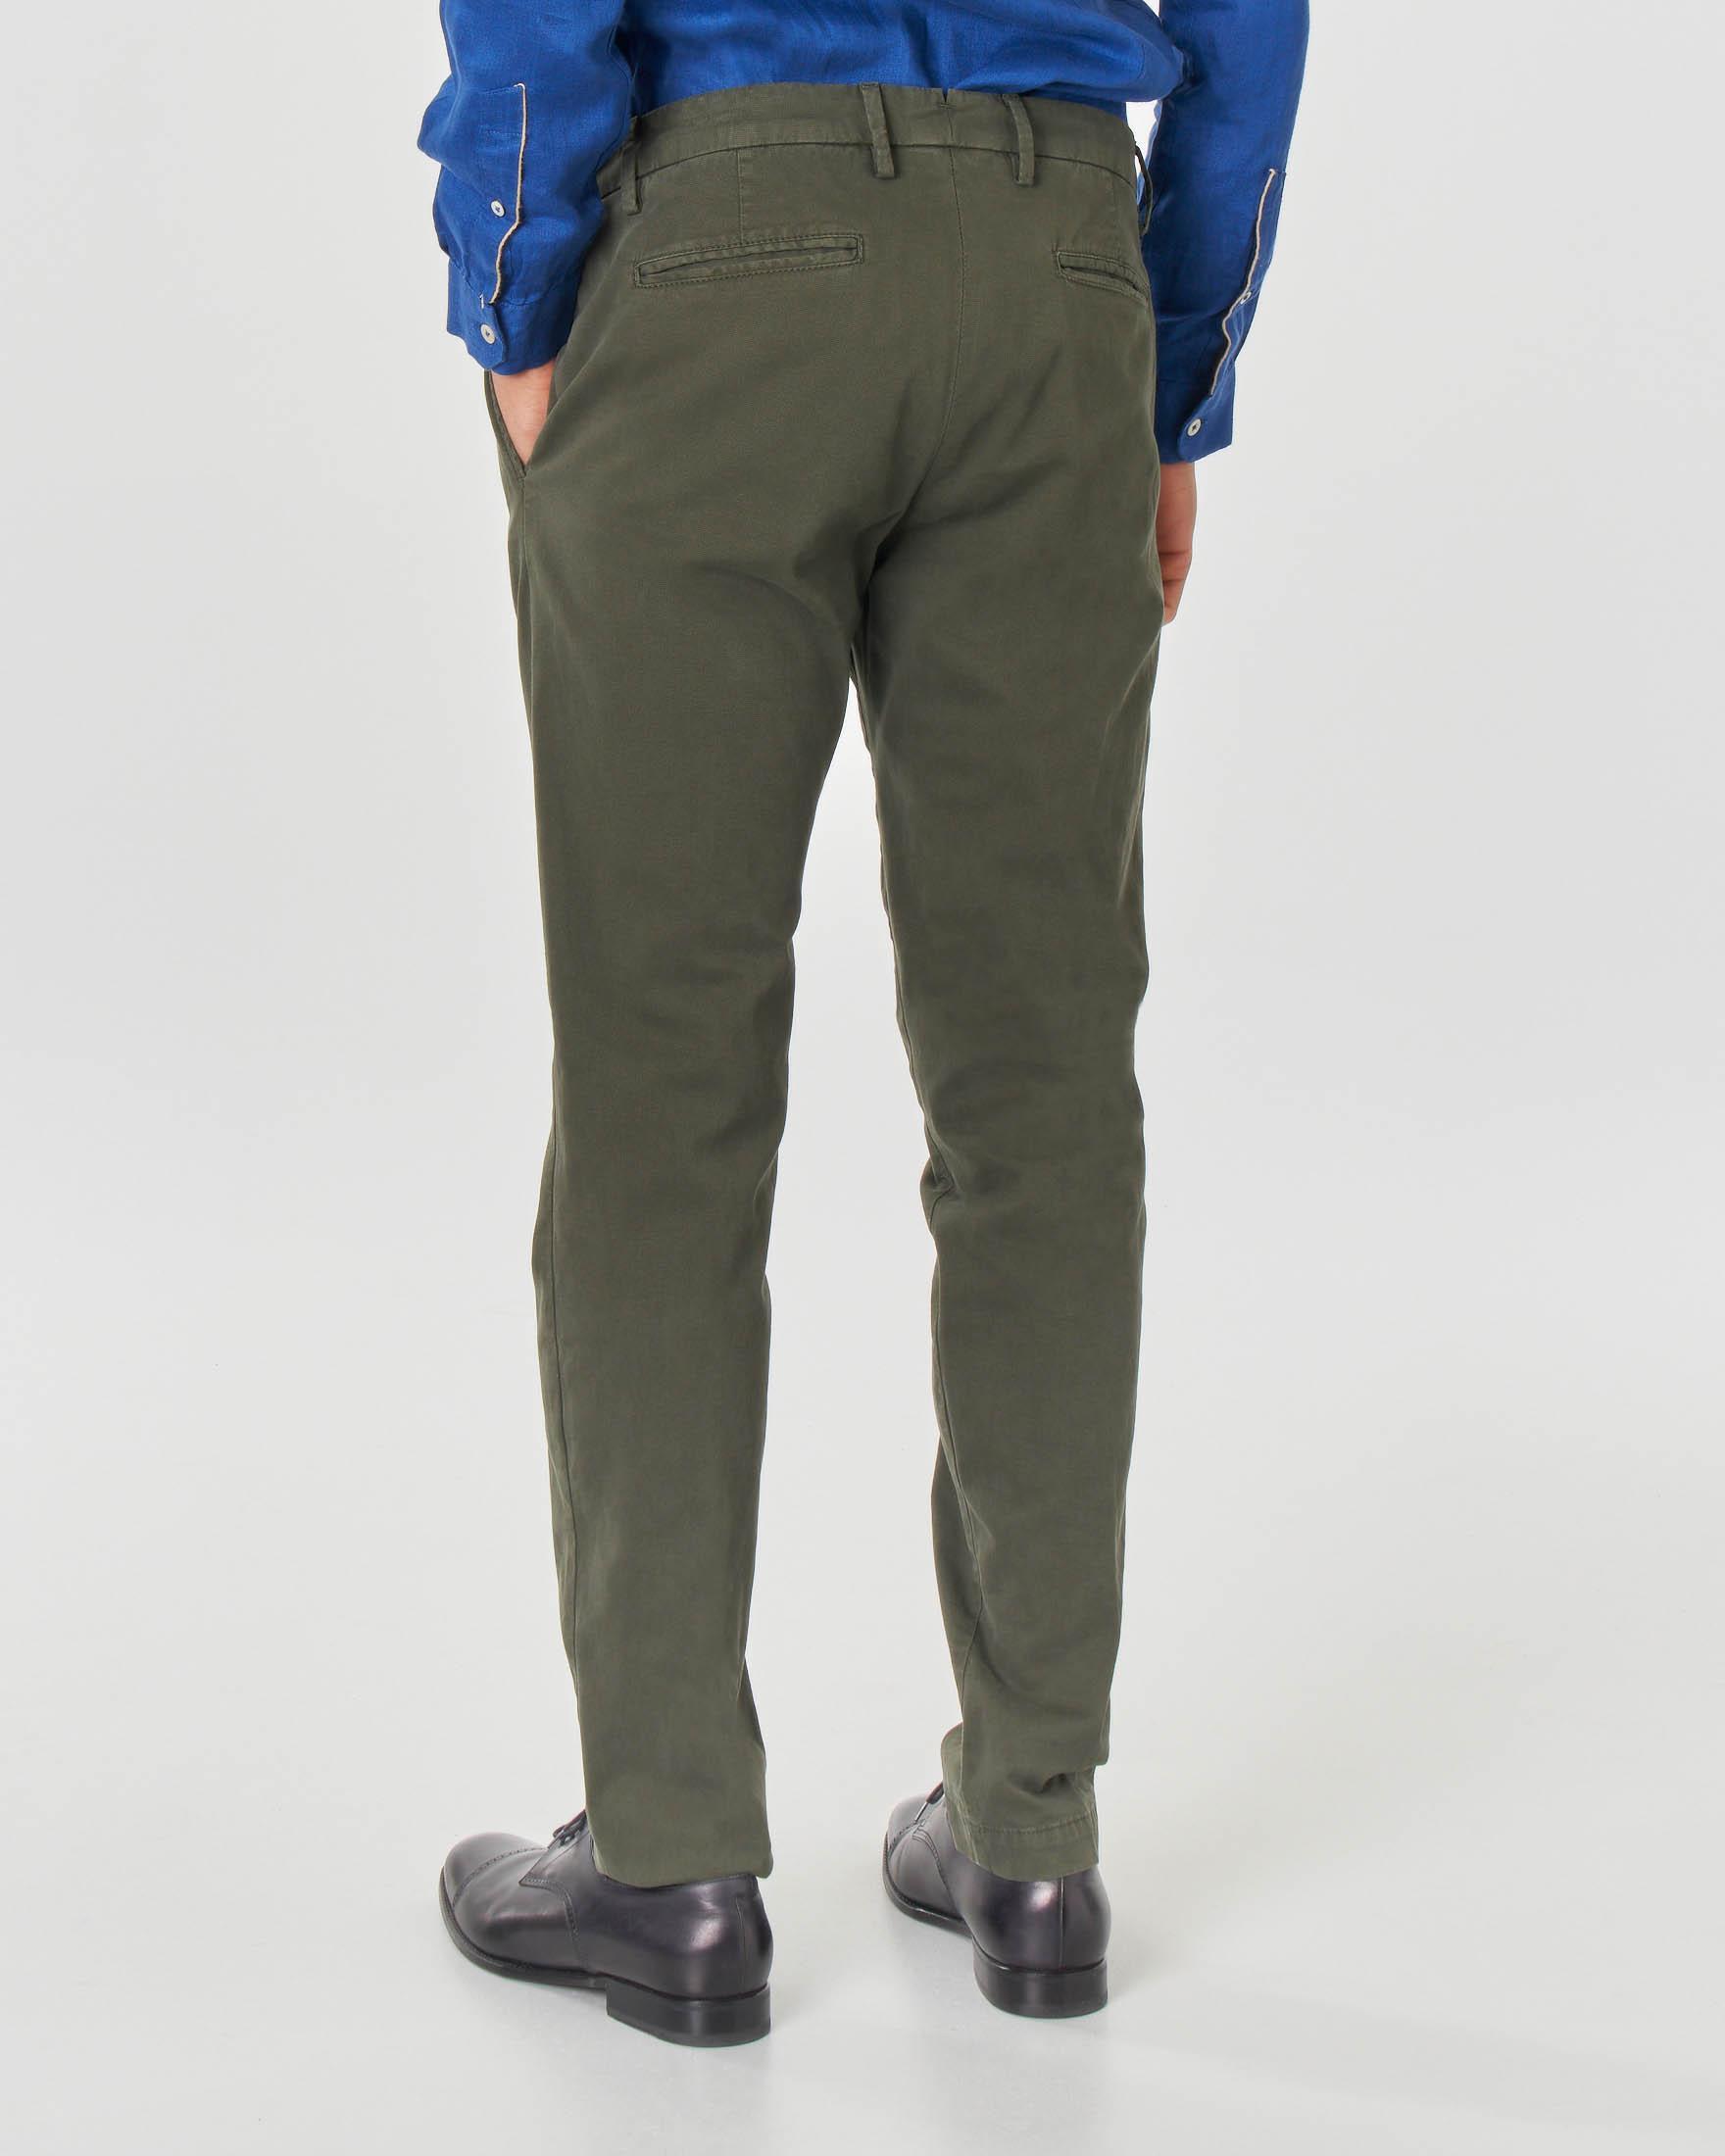 Pantalone chino verde militare in cotone stretch micro-armatura con una pinces